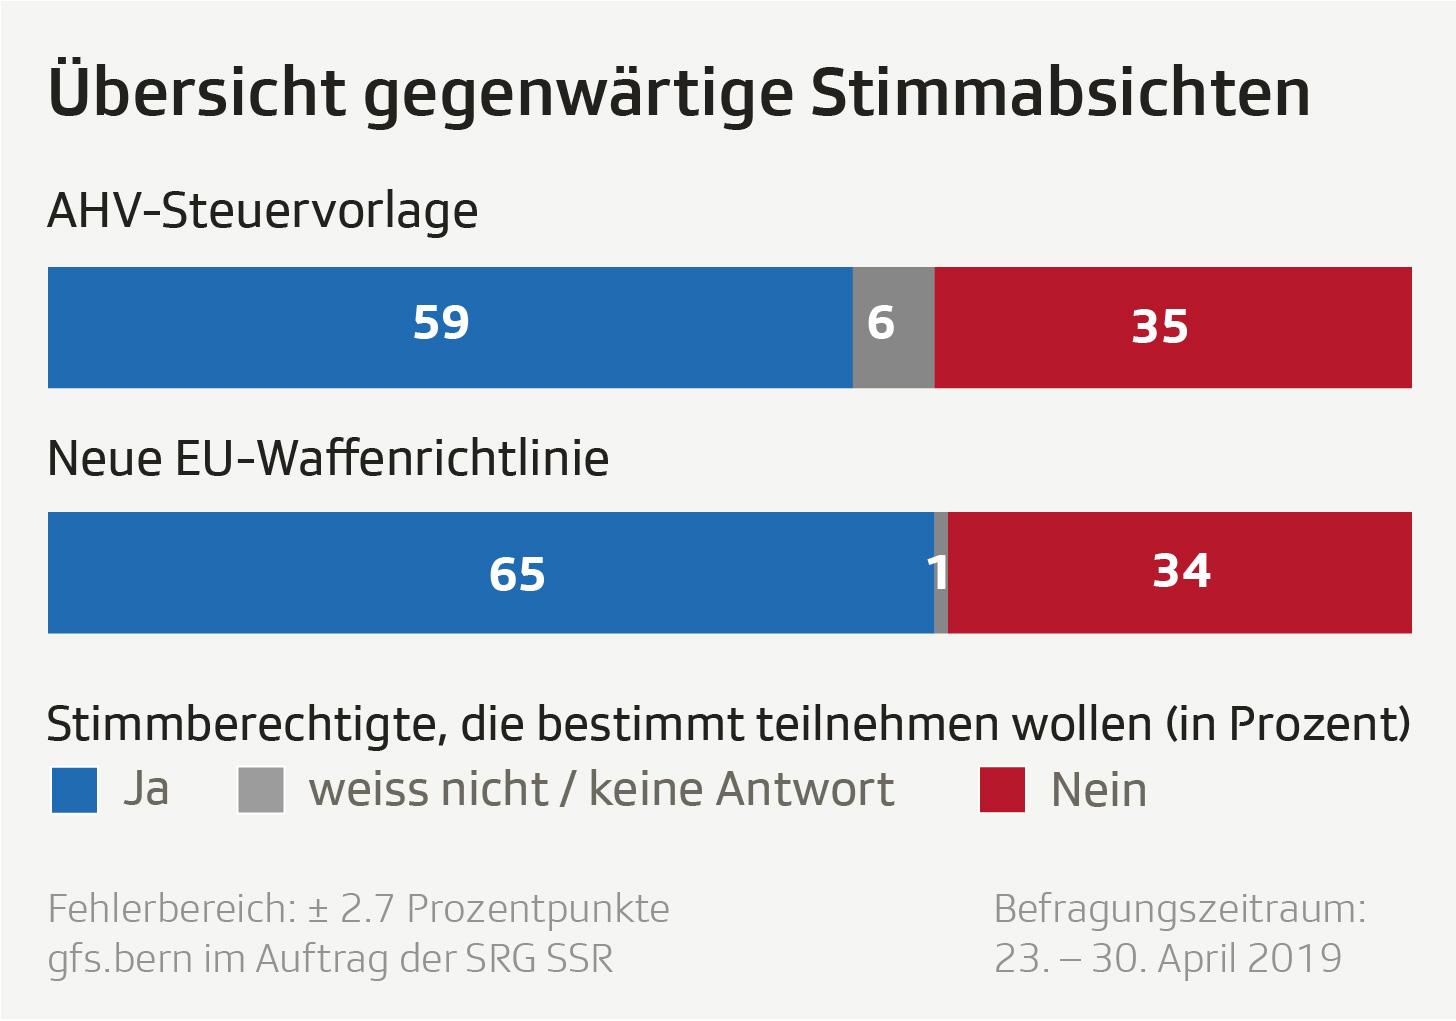 Grafik zeigt die Übersicht über die Stimmabsichten